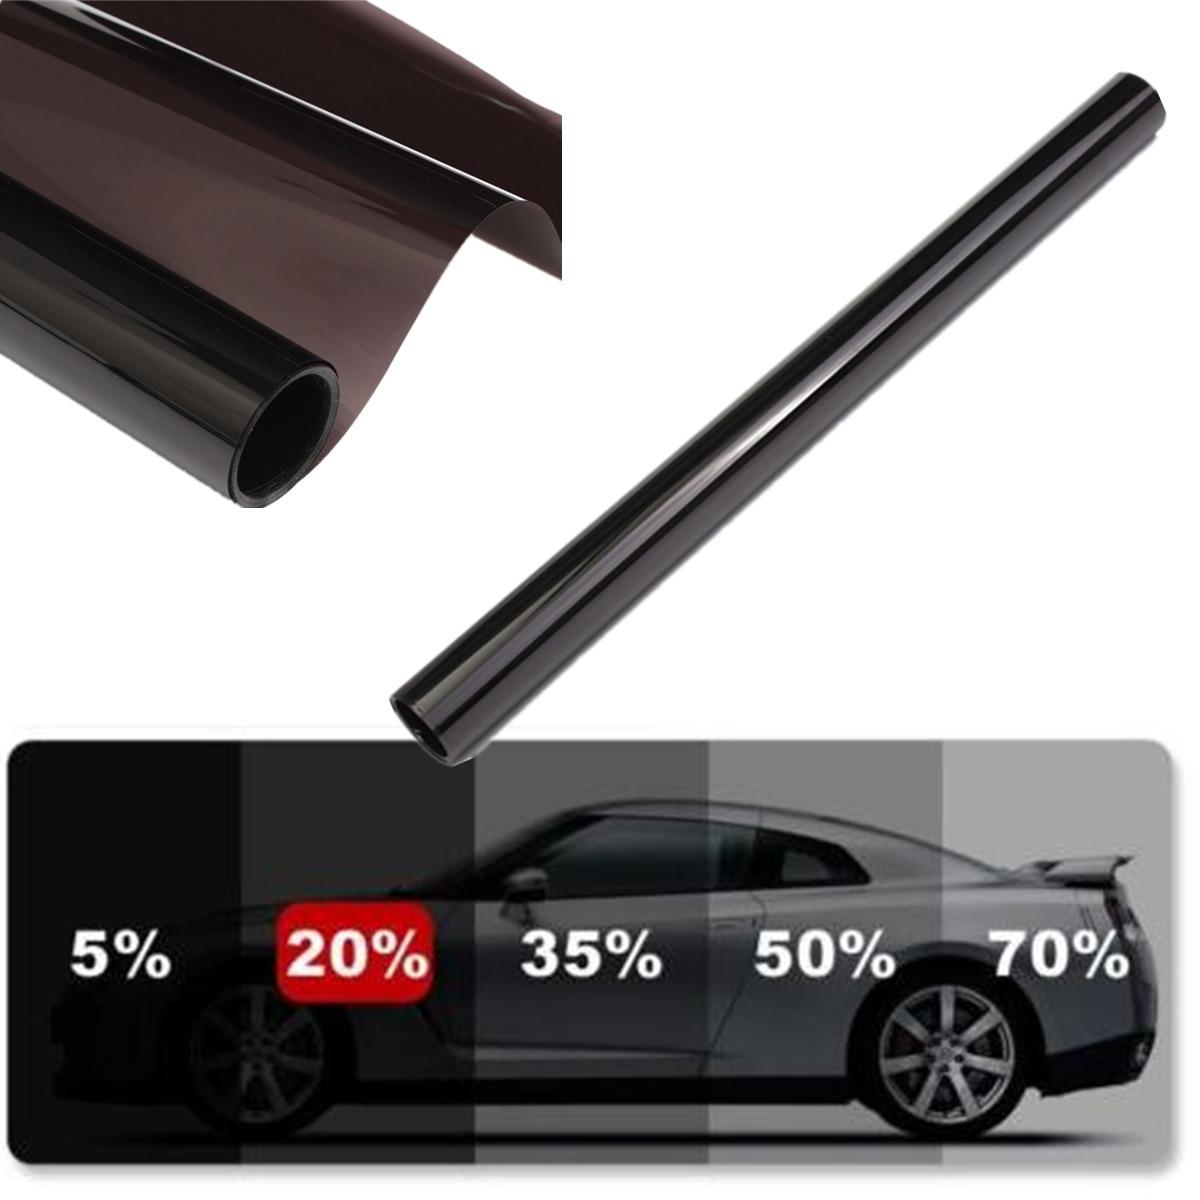 50x600cm Car Window Tint Film Glass VLT 1% 5% 15% 20% 30% 35% 50% Roll 1 PLY Car Auto House Commercial Solar Protection Summer50x600cm Car Window Tint Film Glass VLT 1% 5% 15% 20% 30% 35% 50% Roll 1 PLY Car Auto House Commercial Solar Protection Summer